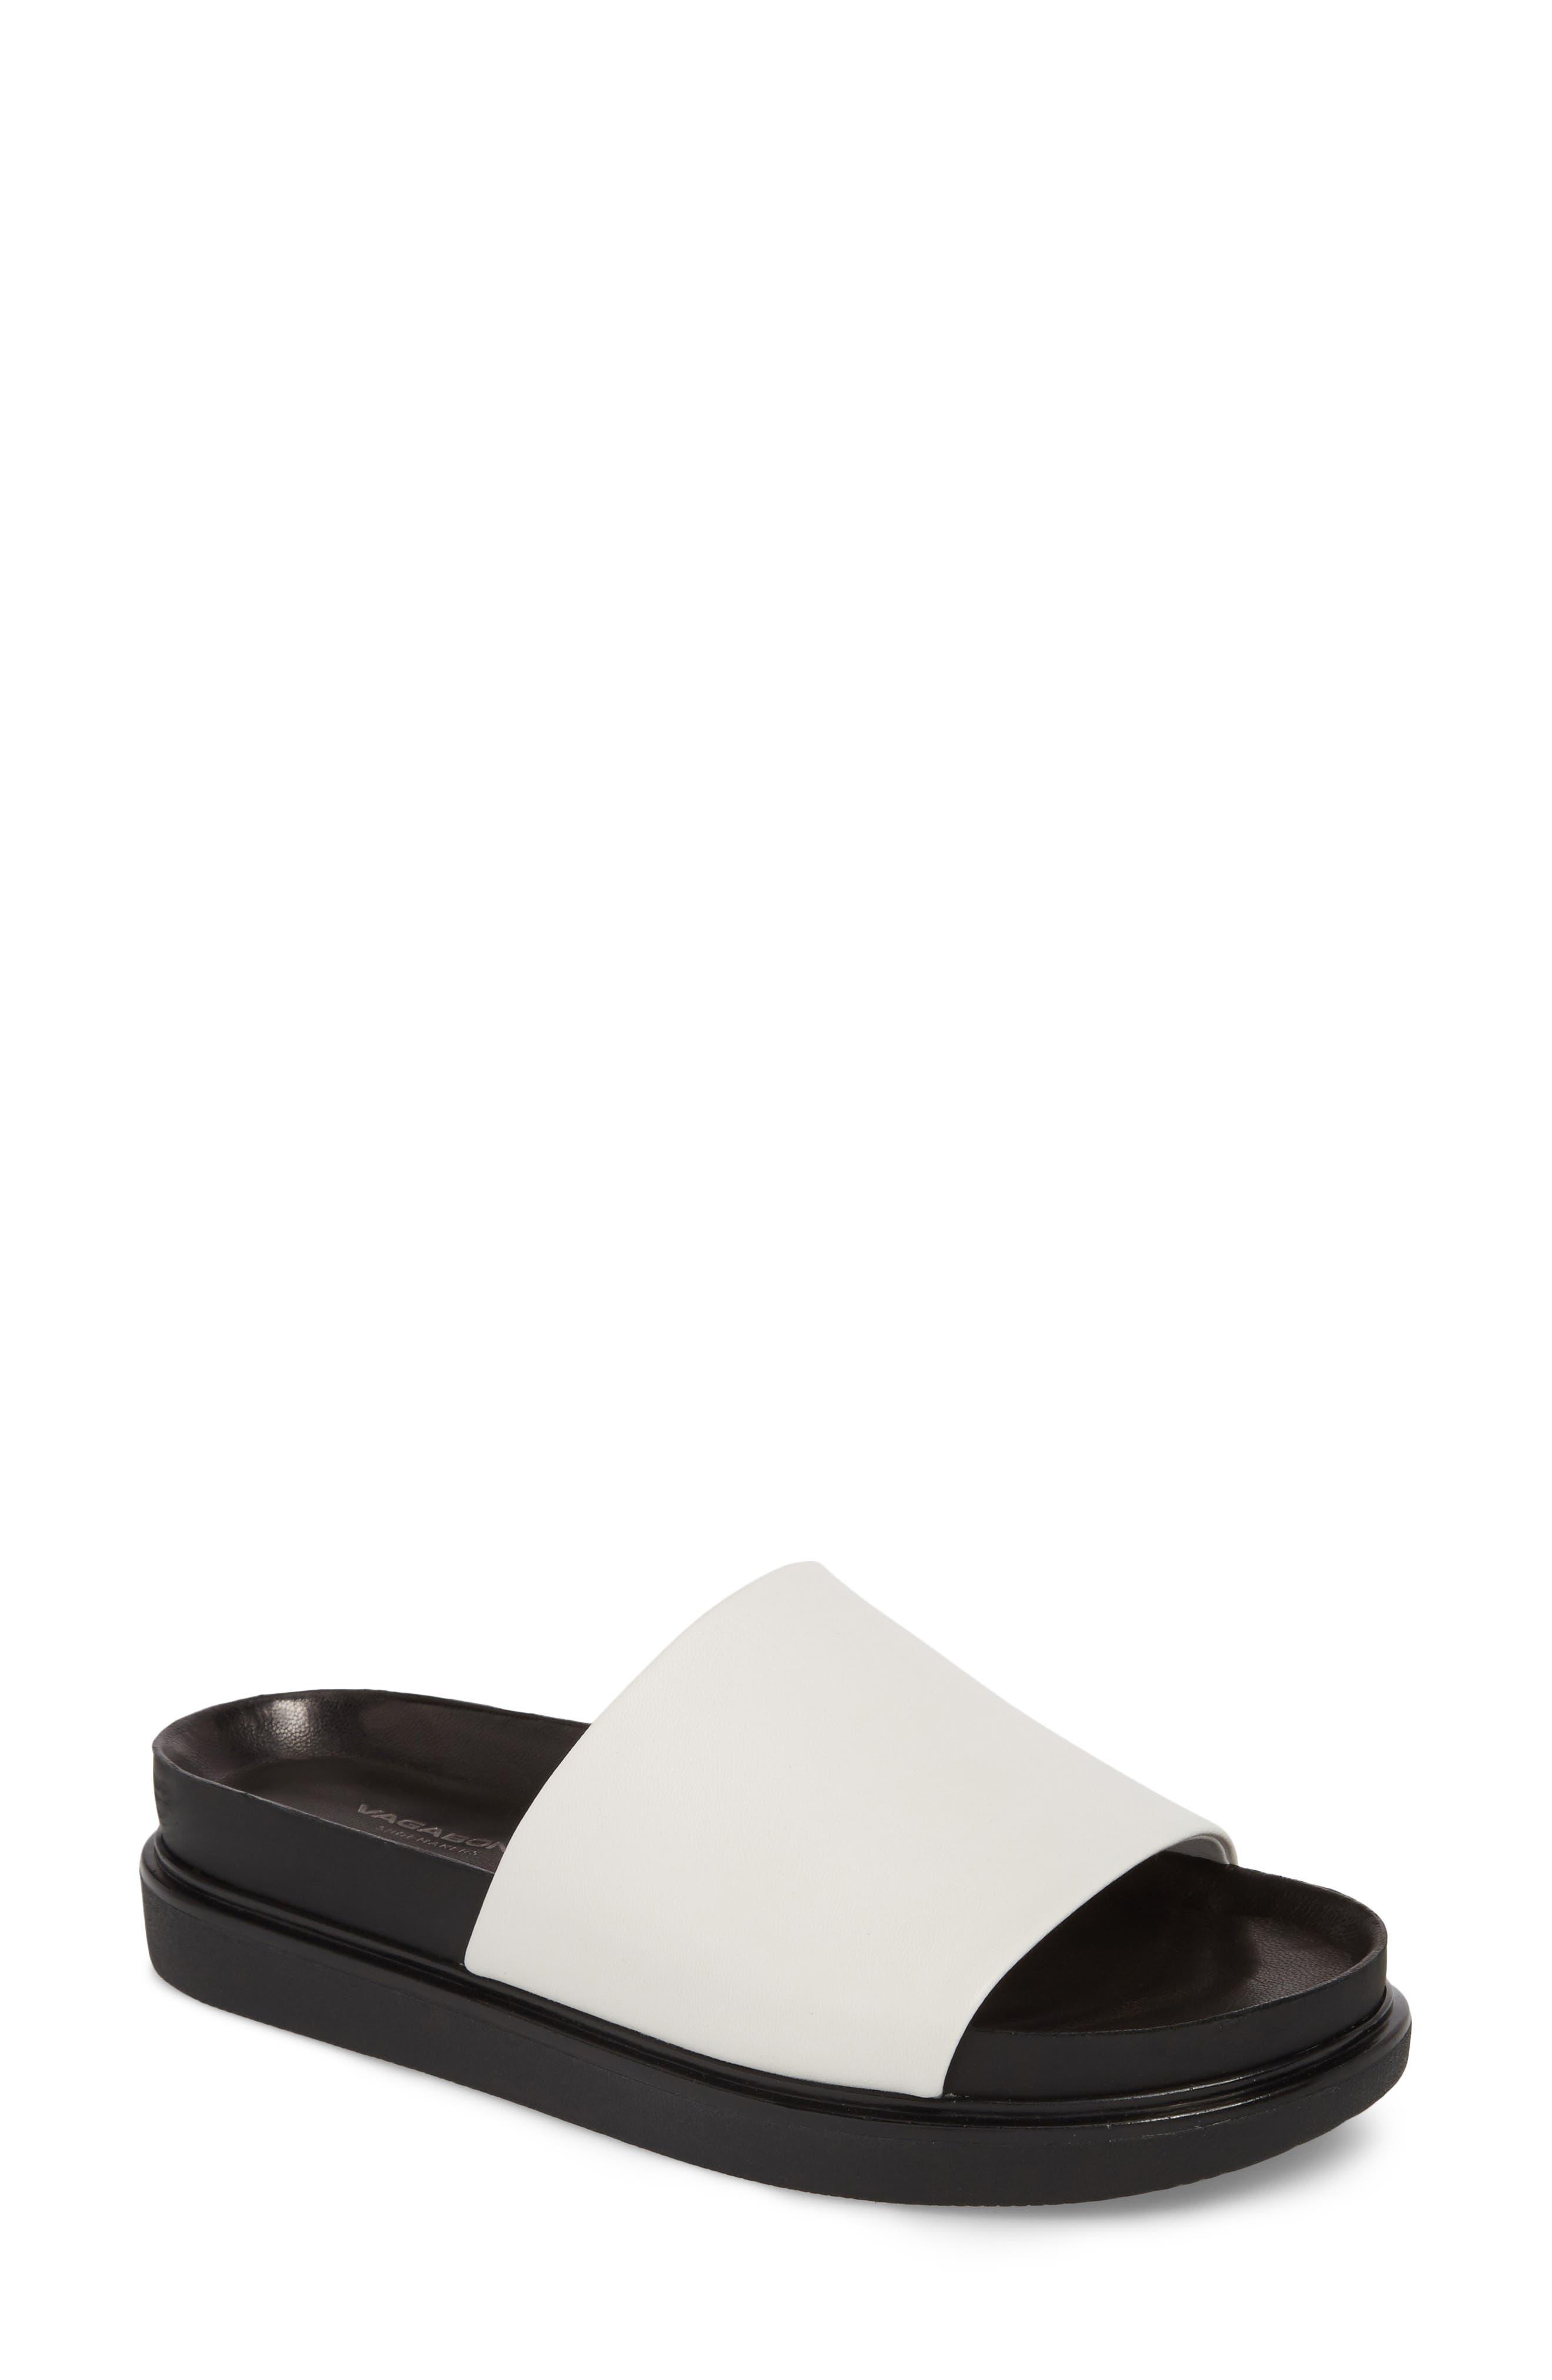 Vagabond Shoemakers Erin Slide Sandal, White